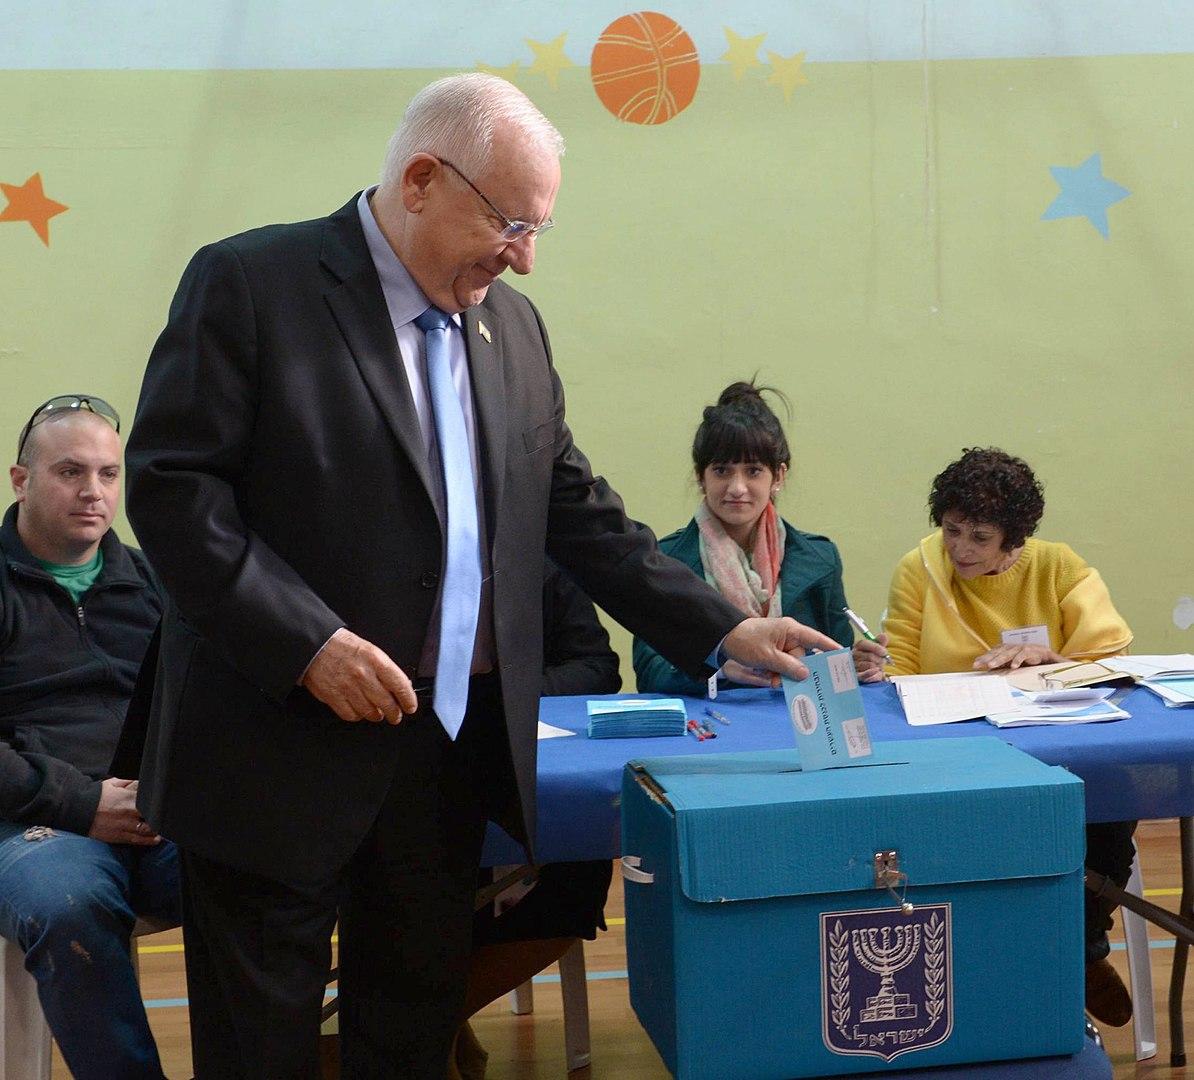 """Der israelische Staatspräsident Reuven """"Ruvi"""" Rivlin an einem blaue Wahlurnen-Pappkarton im Jahr 2015. Foto Mark Neyman / Government Press Office (Israel), CC BY-SA 3.0, https://commons.wikimedia.org/w/index.php?curid=38977948"""